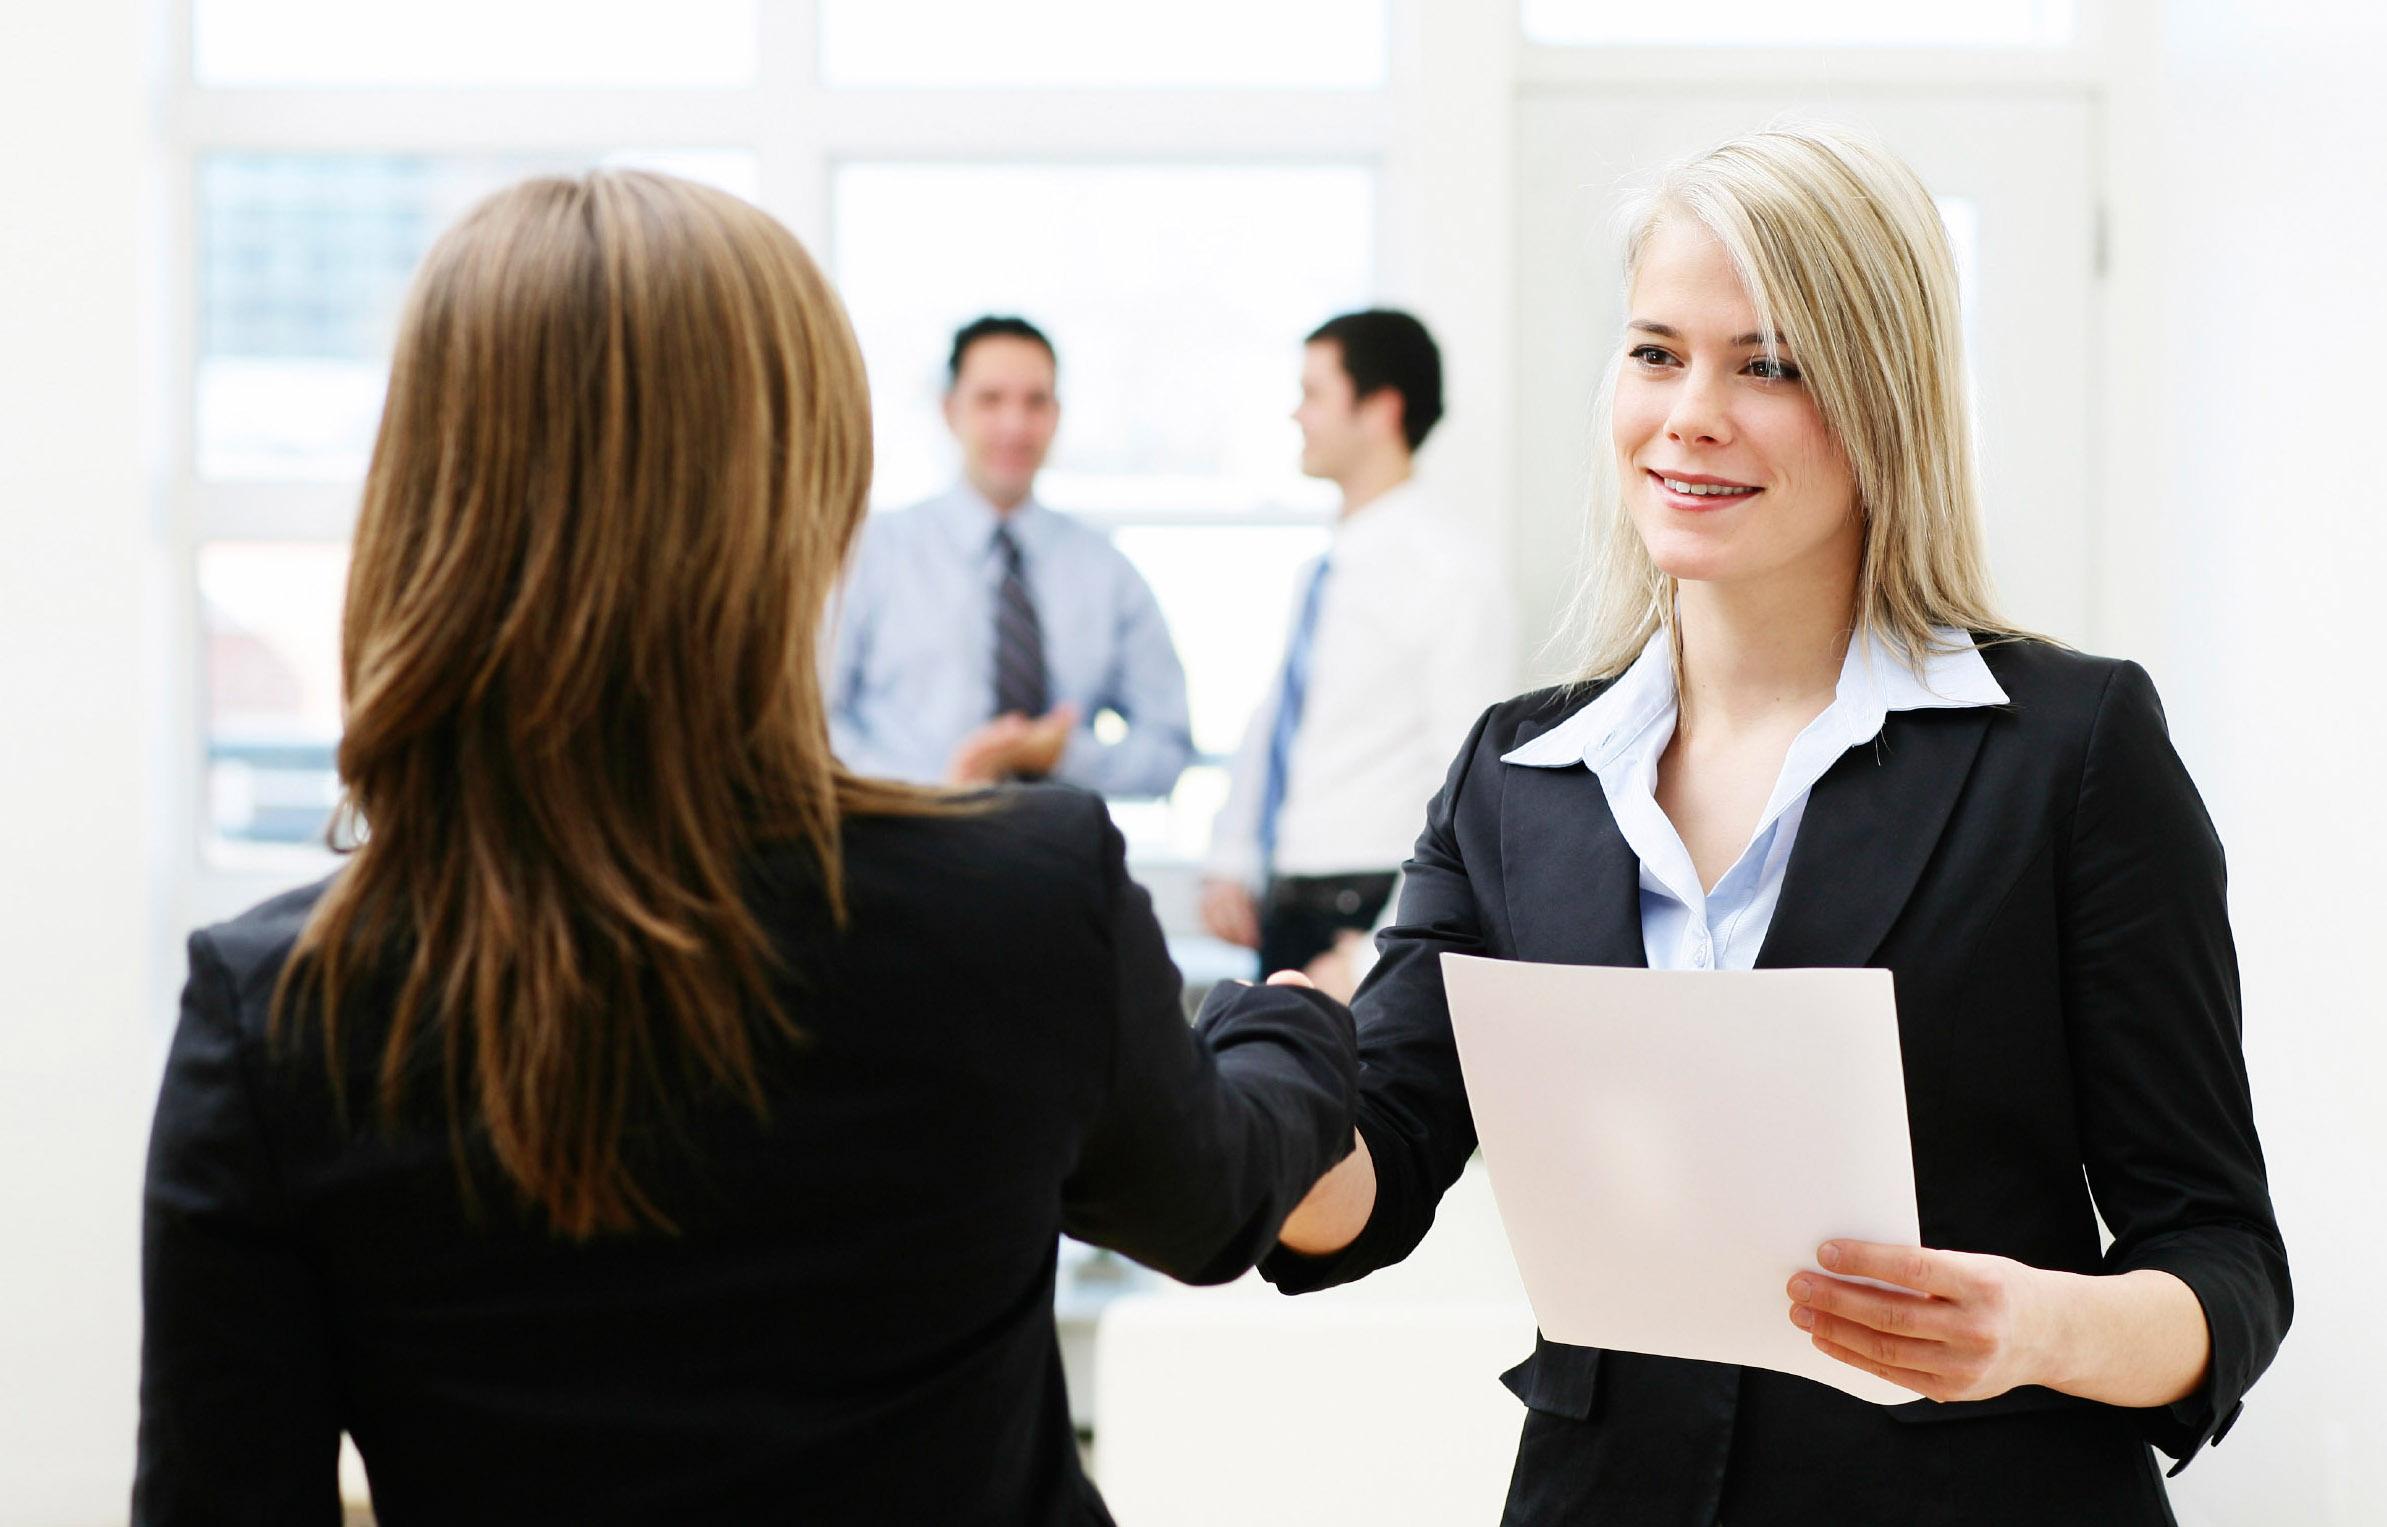 Programa-Top-Interview-Preparar-entrevista-de-trabajo-2